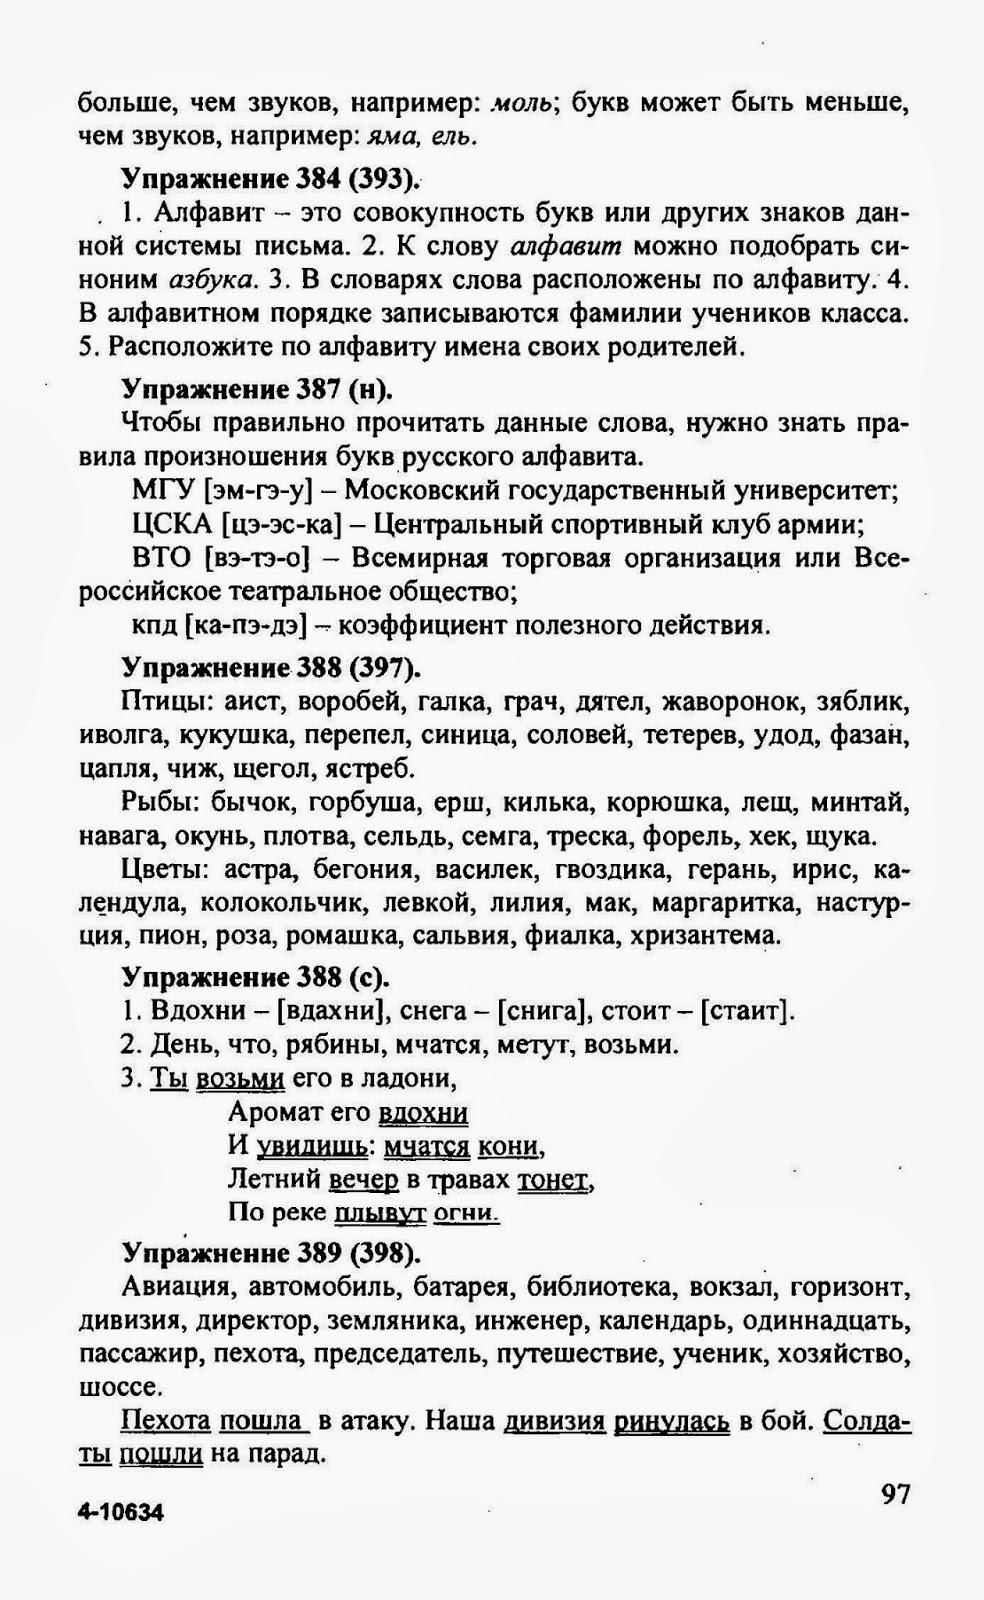 Готовое Домашнее Задание по русскому языку за 5 Класс Купалова